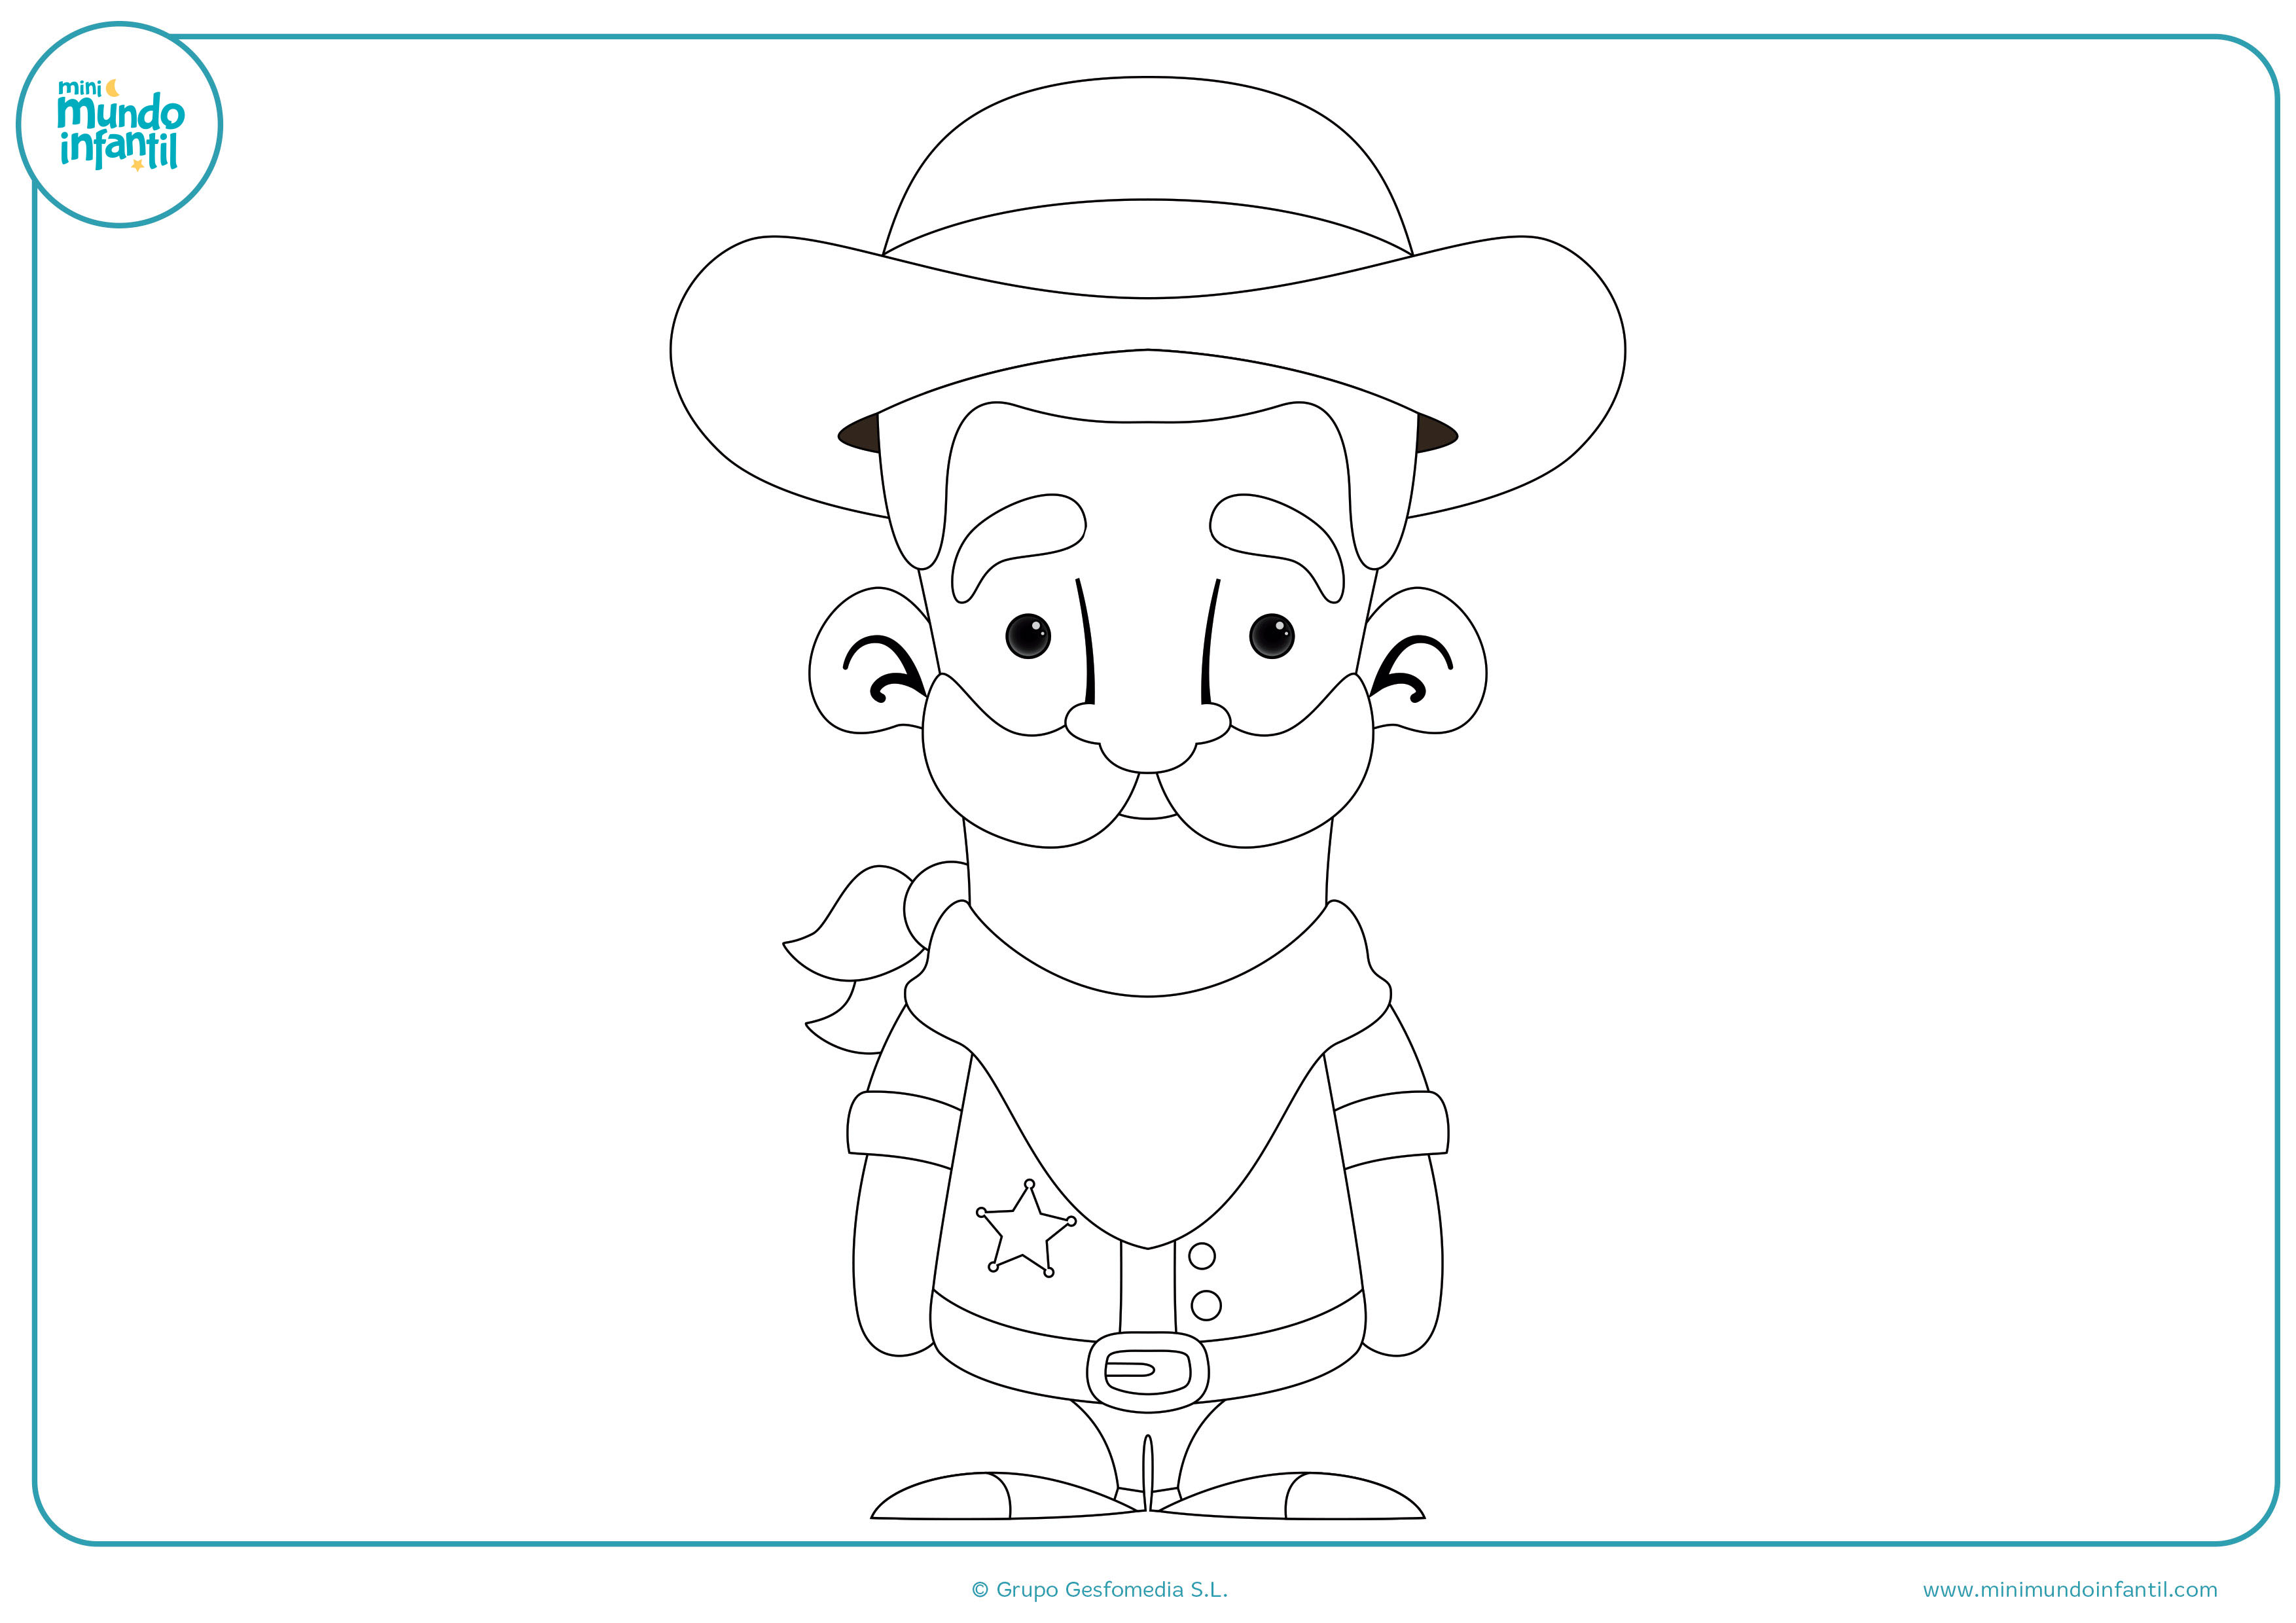 Dibujos Para Colorear En Linea: Dibujos De Las Profesiones Para Colorear